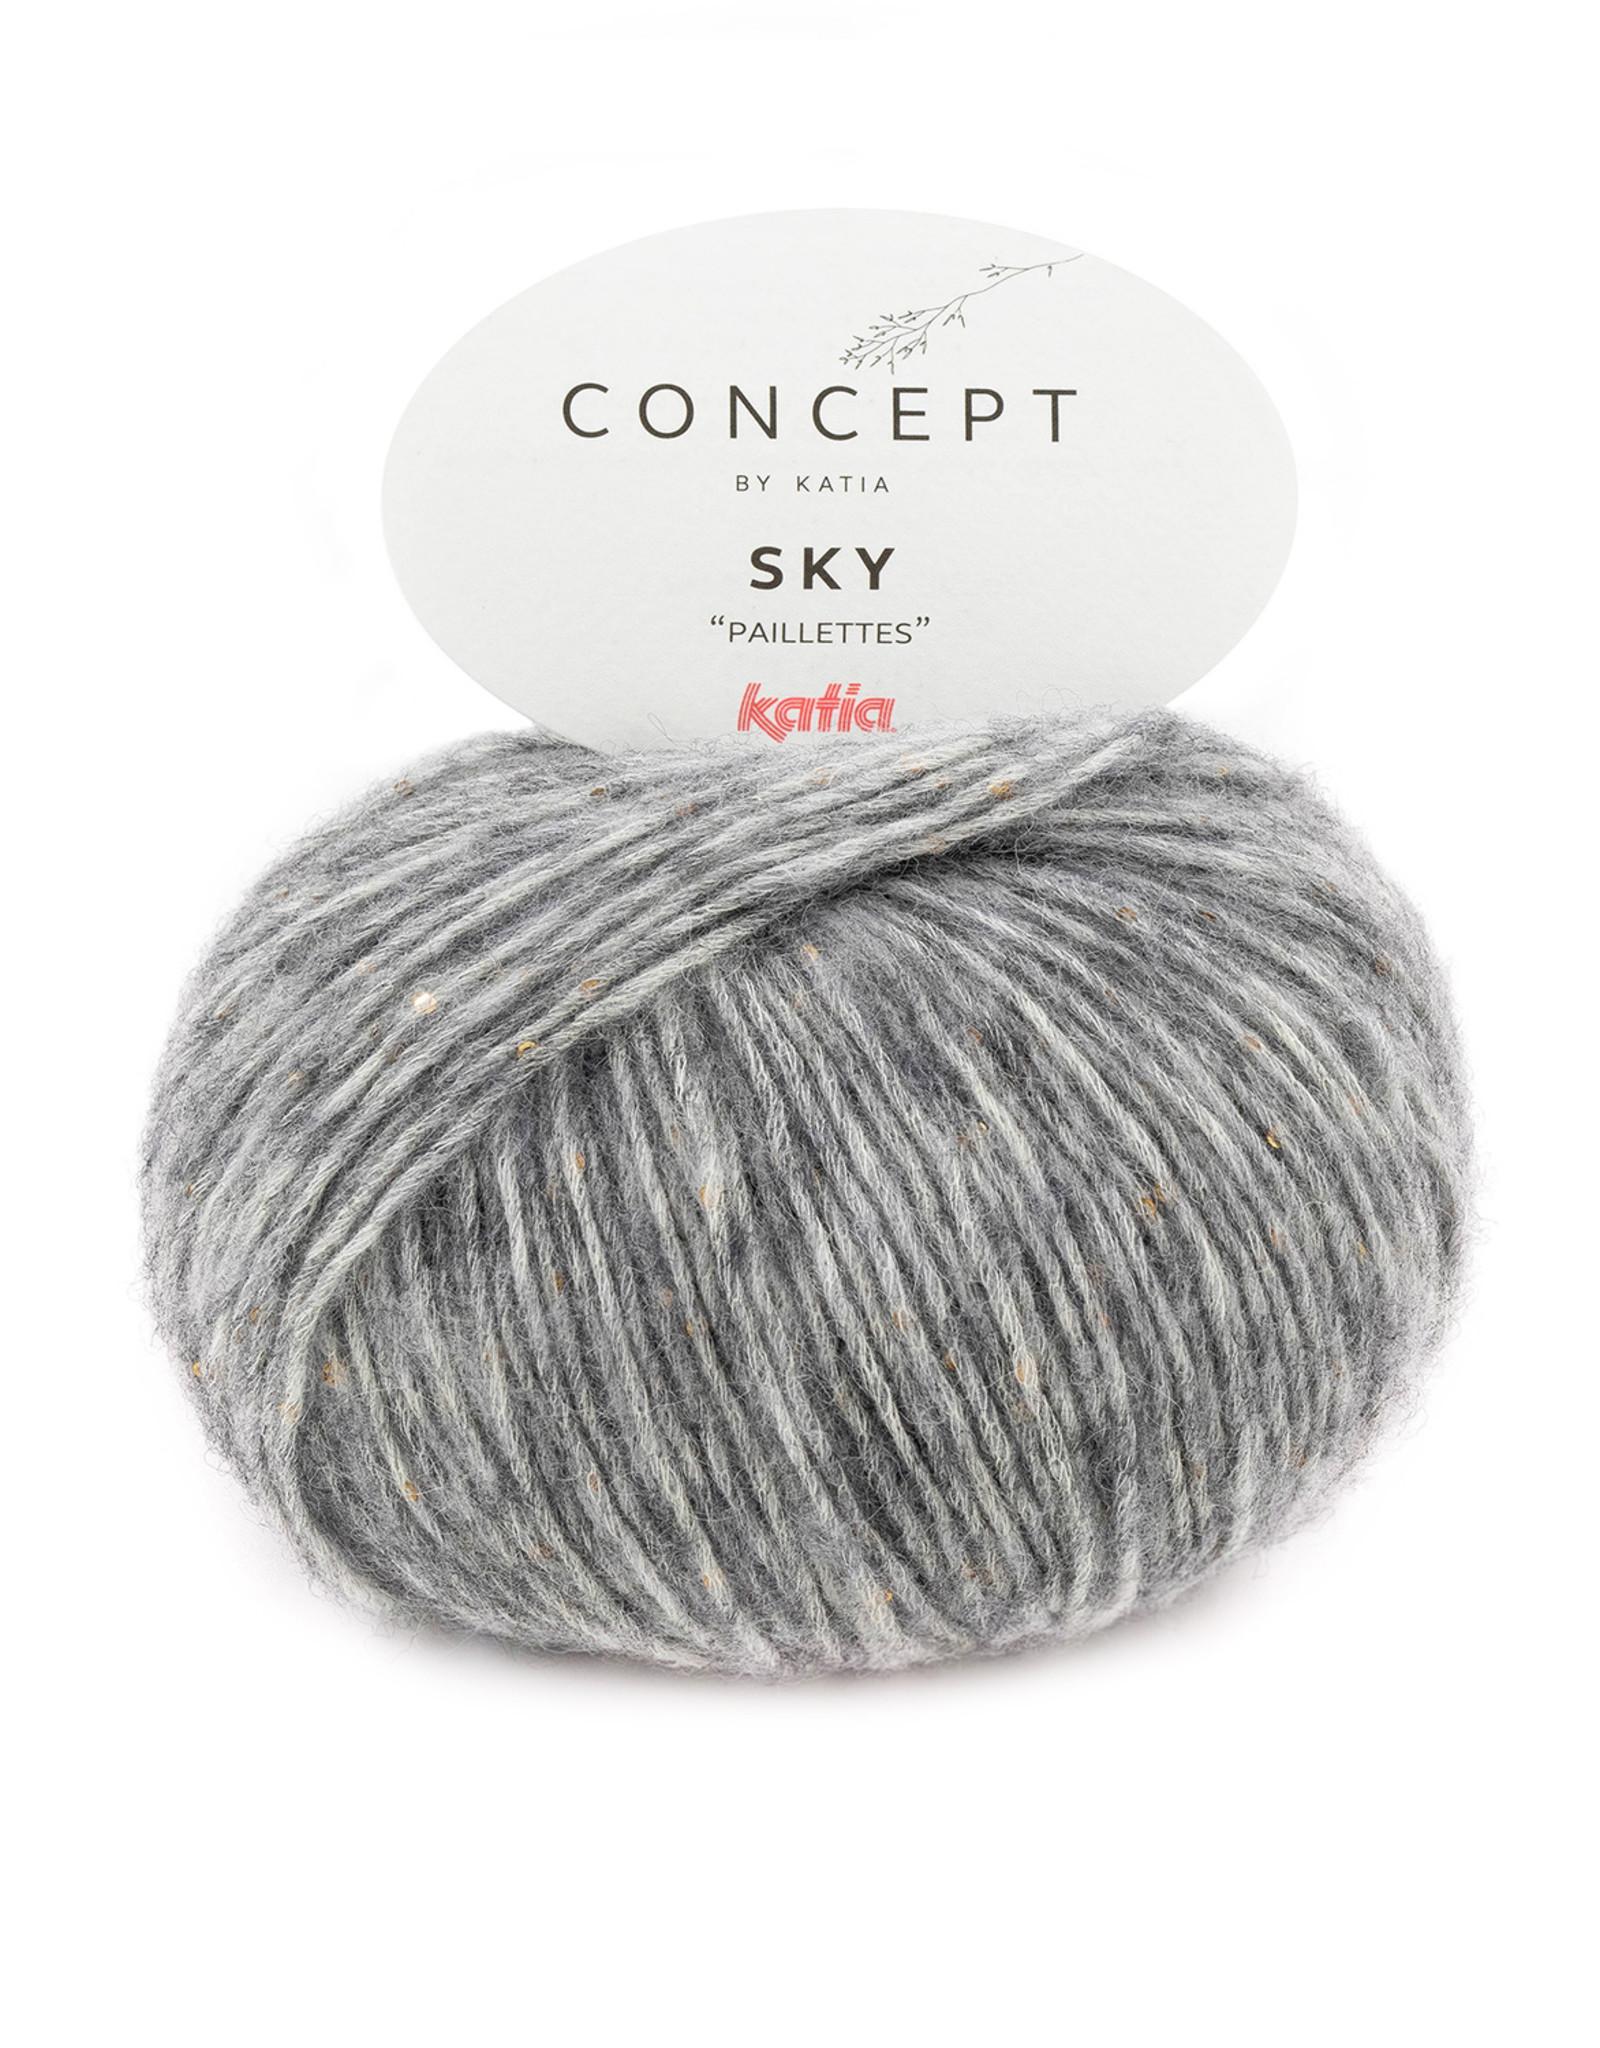 Katia Concept Sky